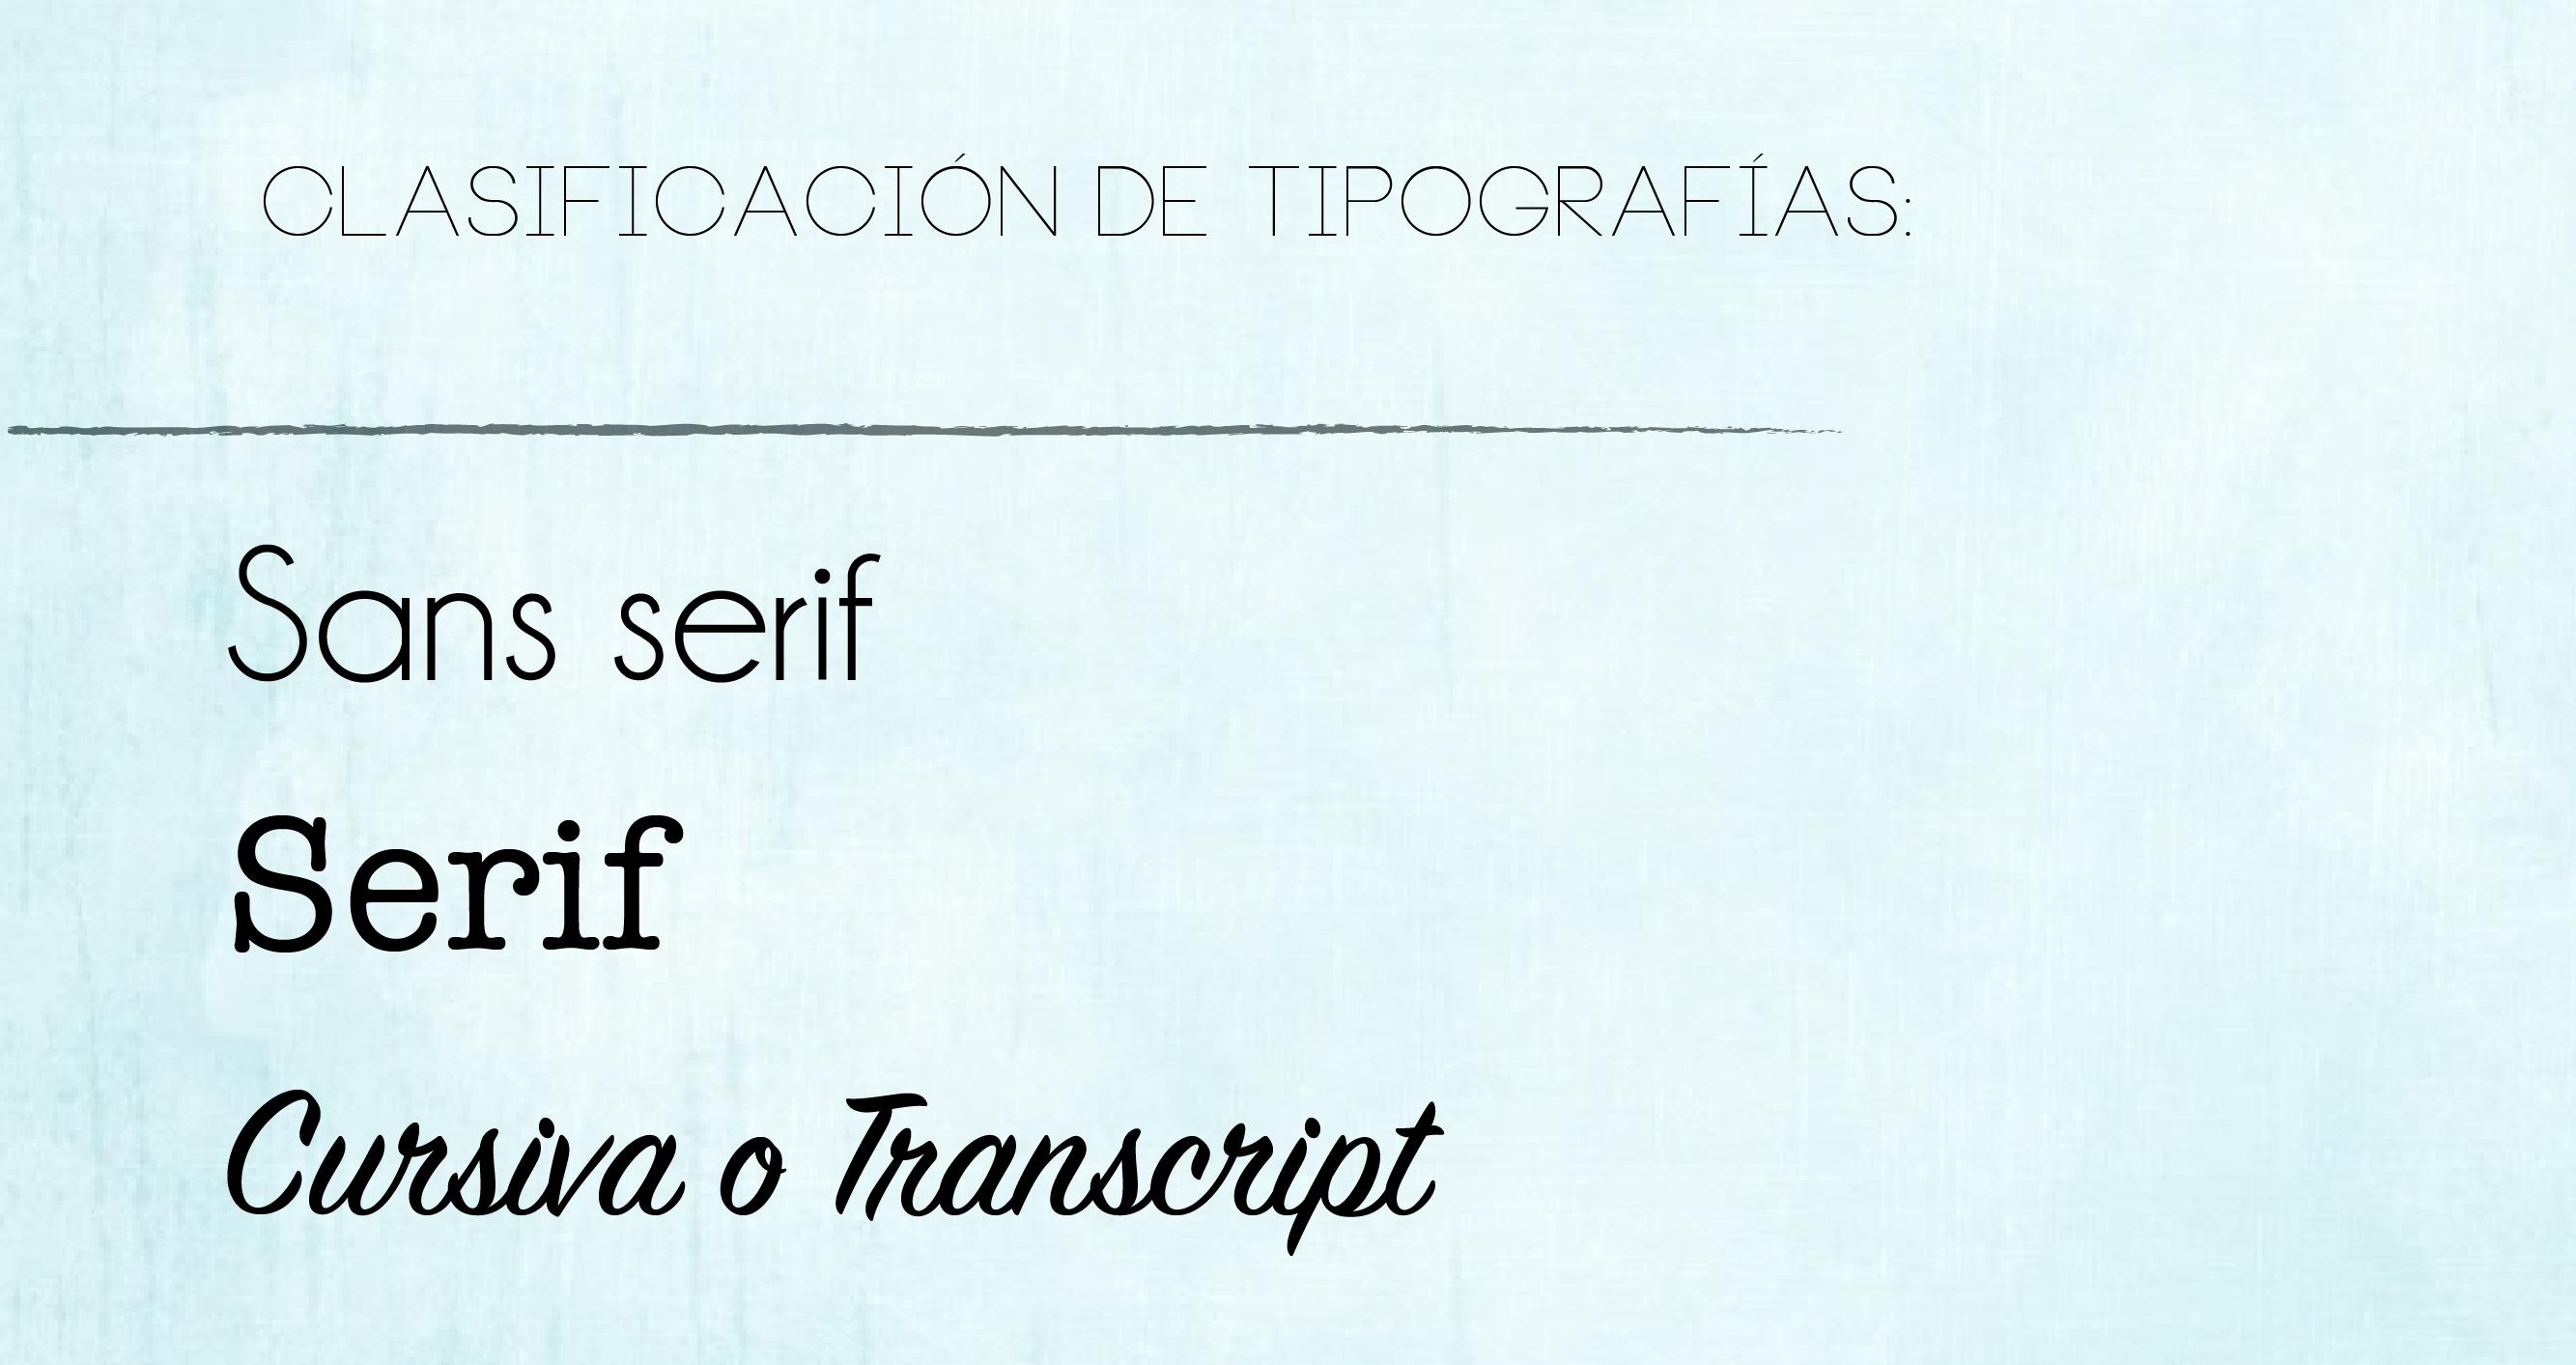 La tipolografía y su importancia a la hora de realizar el distintivo de su empresa